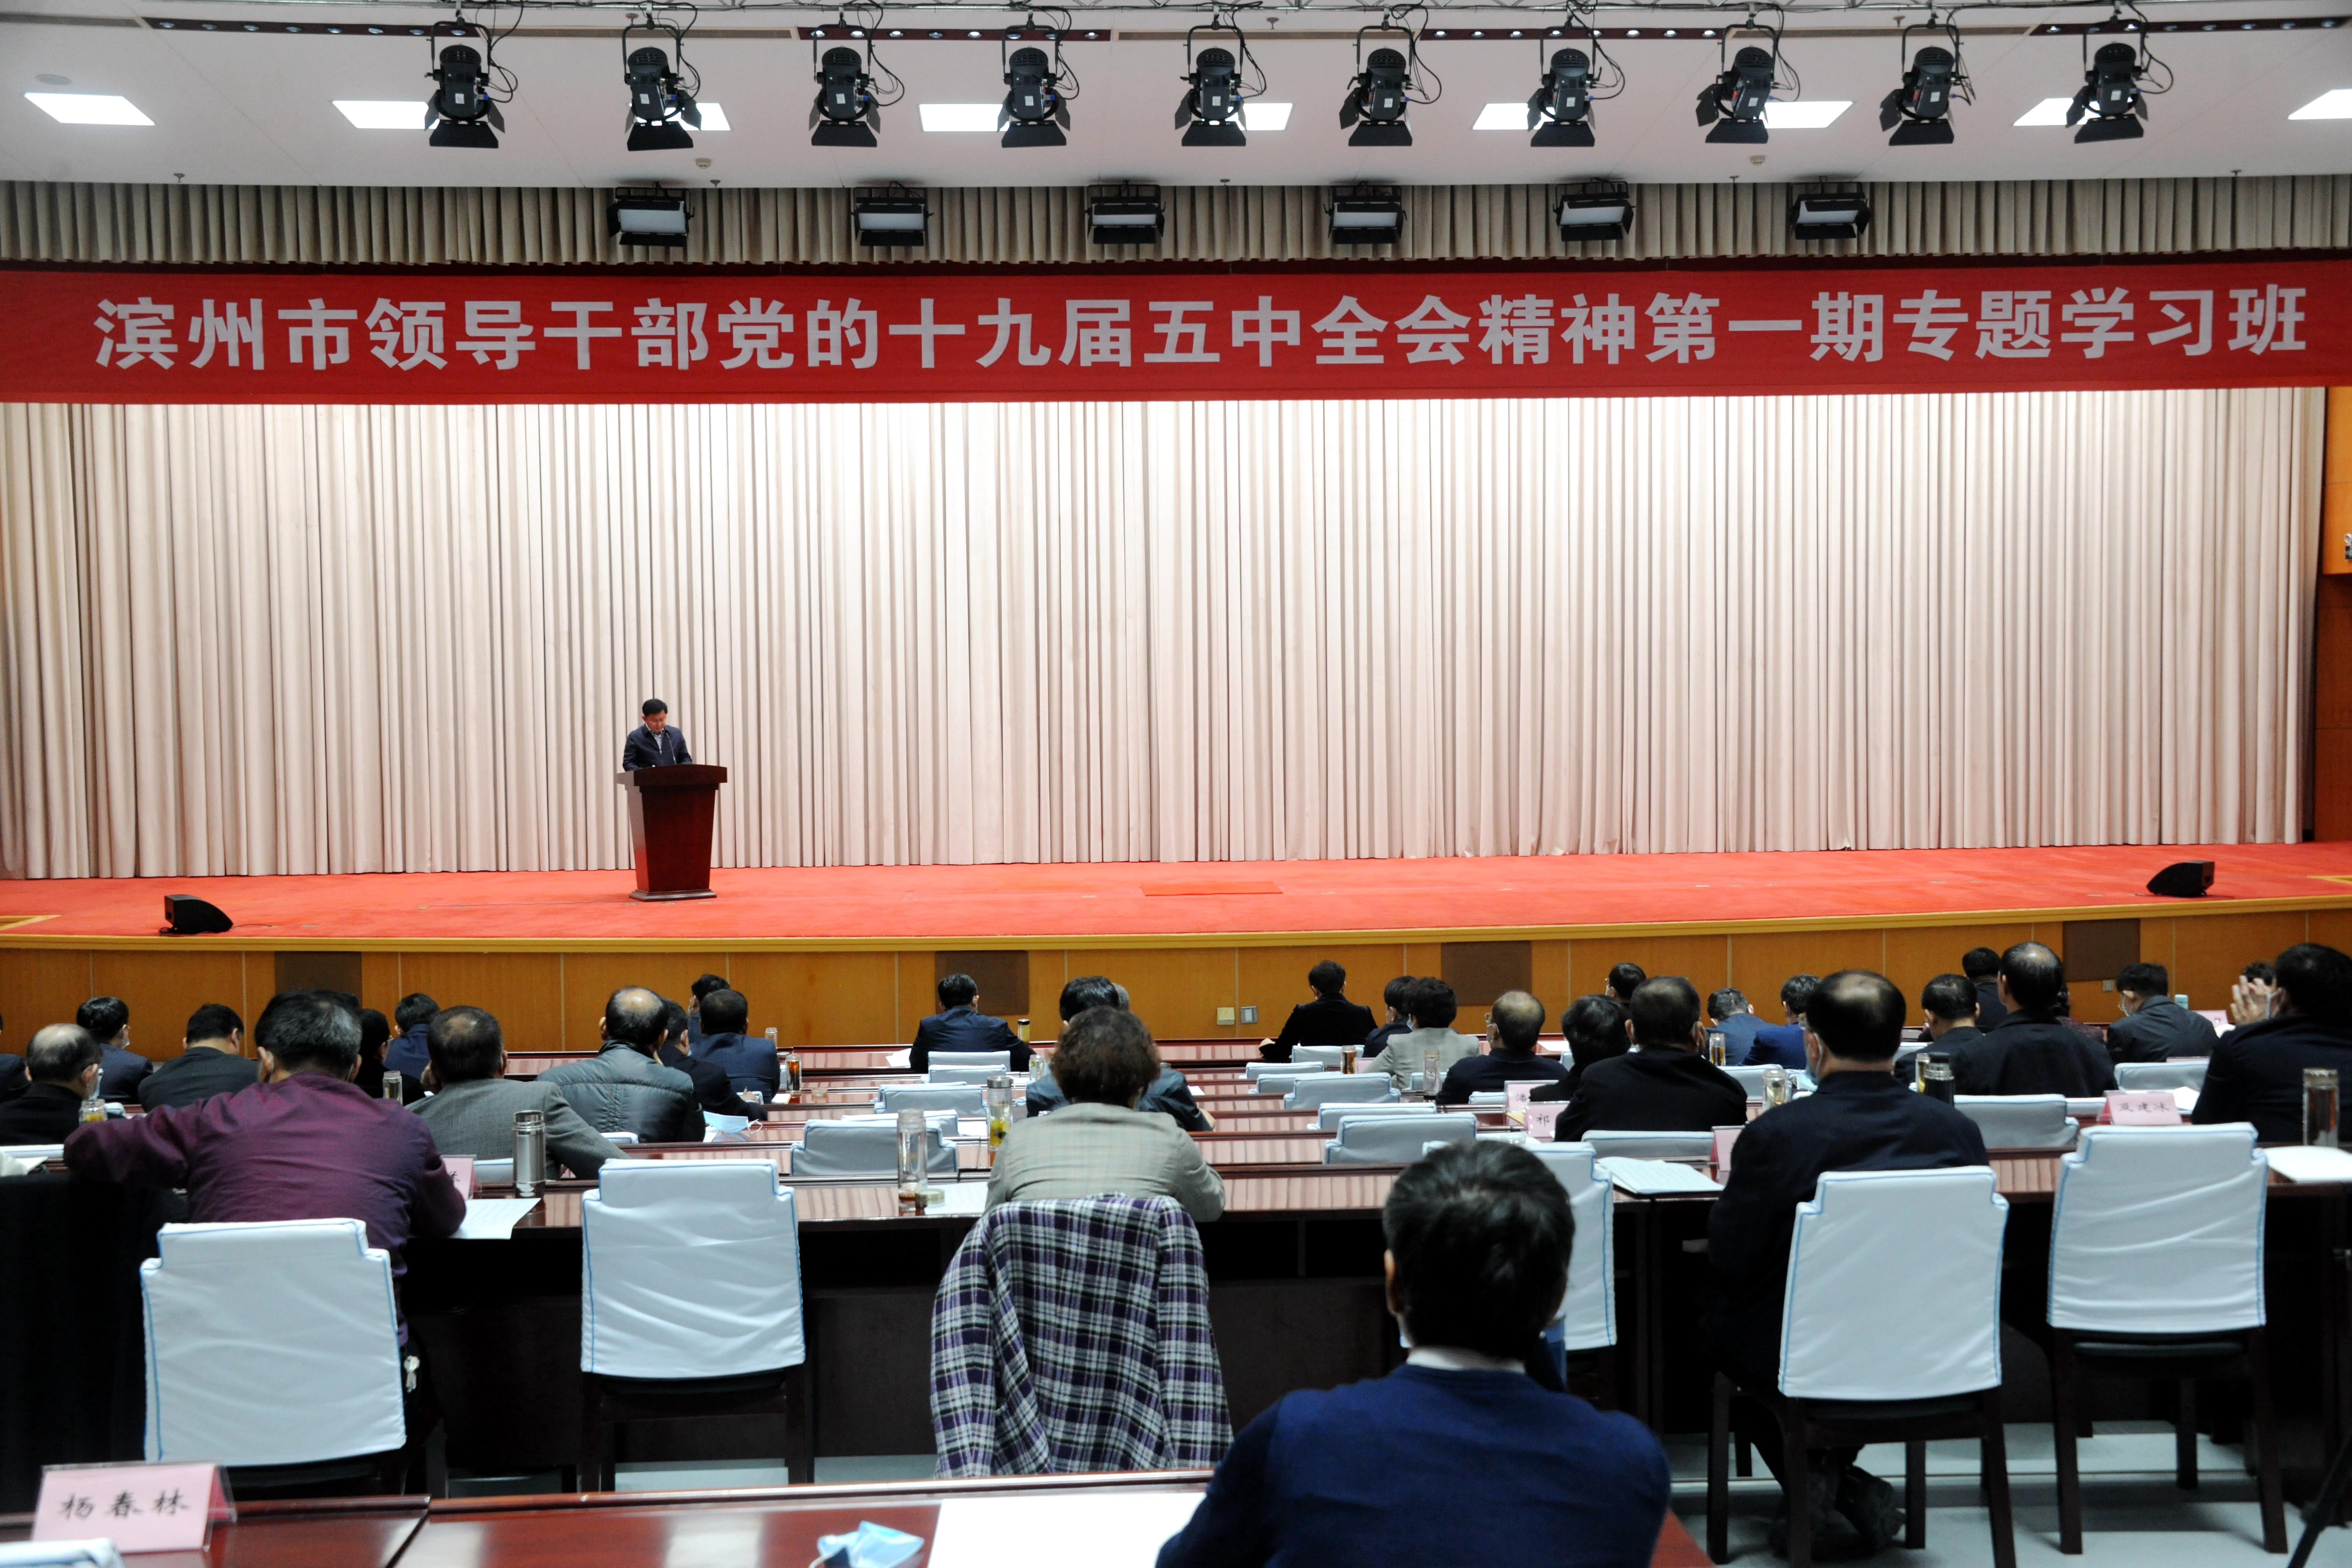 彭李街道在滨州市党的十九届五中全会精神专题学习班上作典型发言